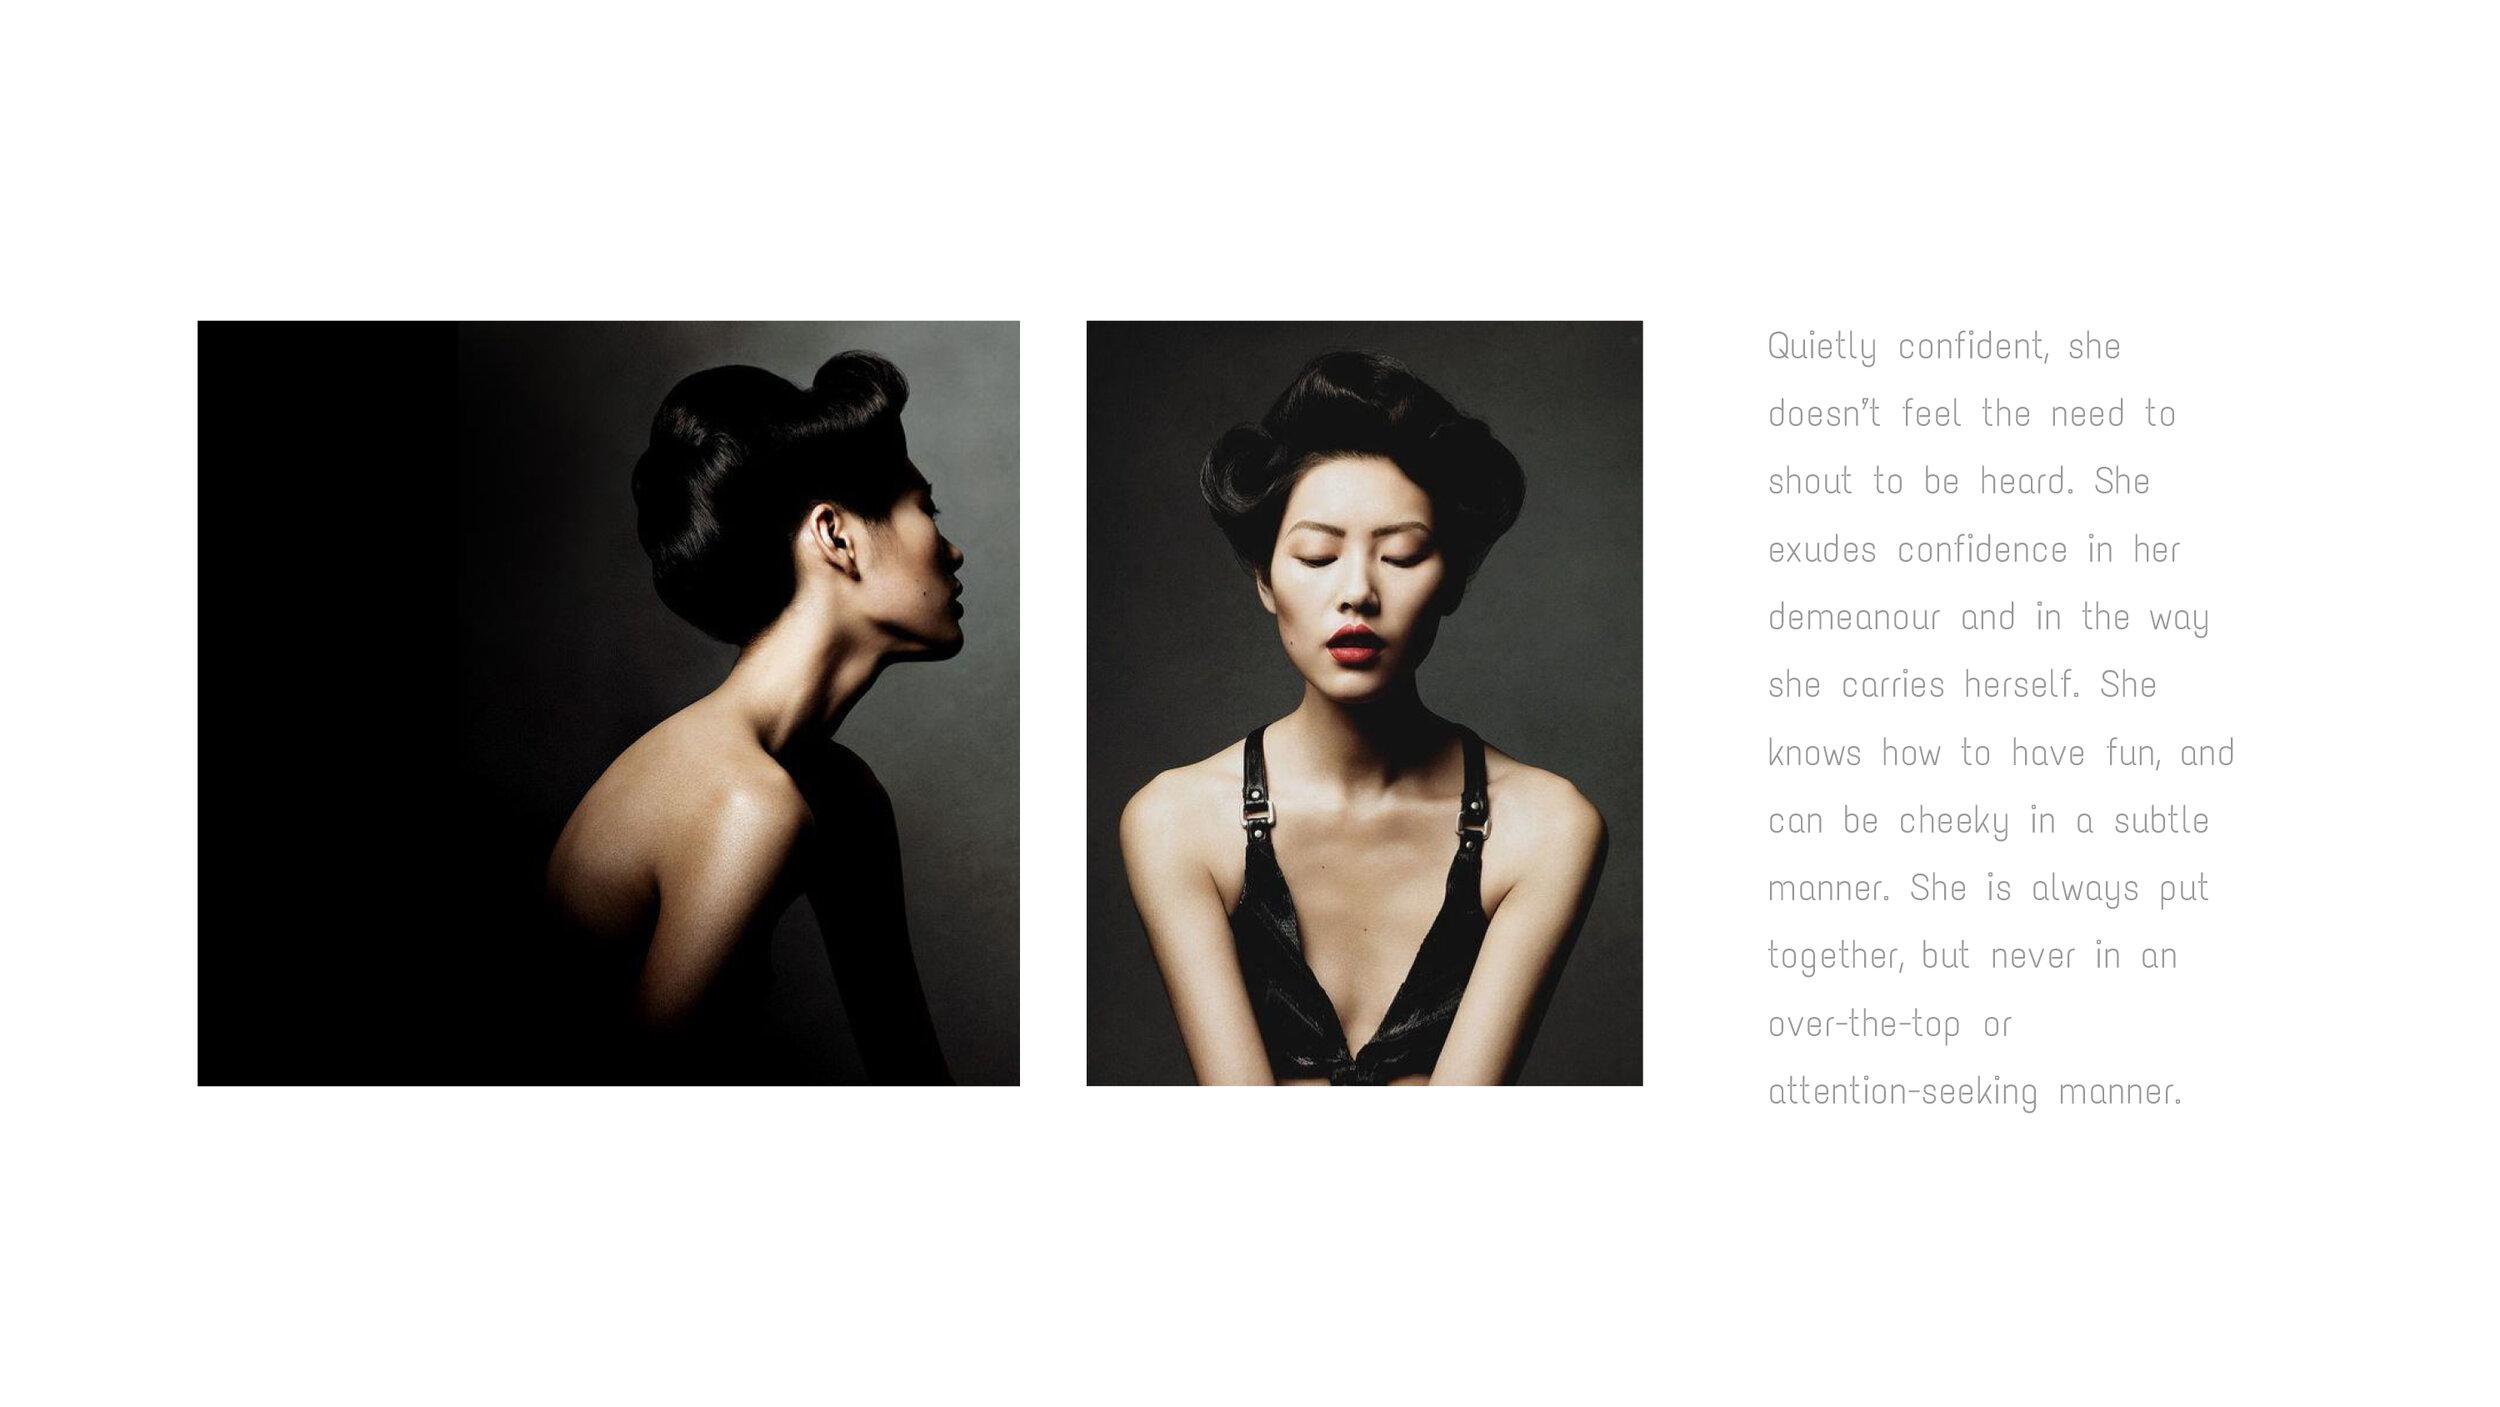 shiseido_brandbook_woman2.jpg